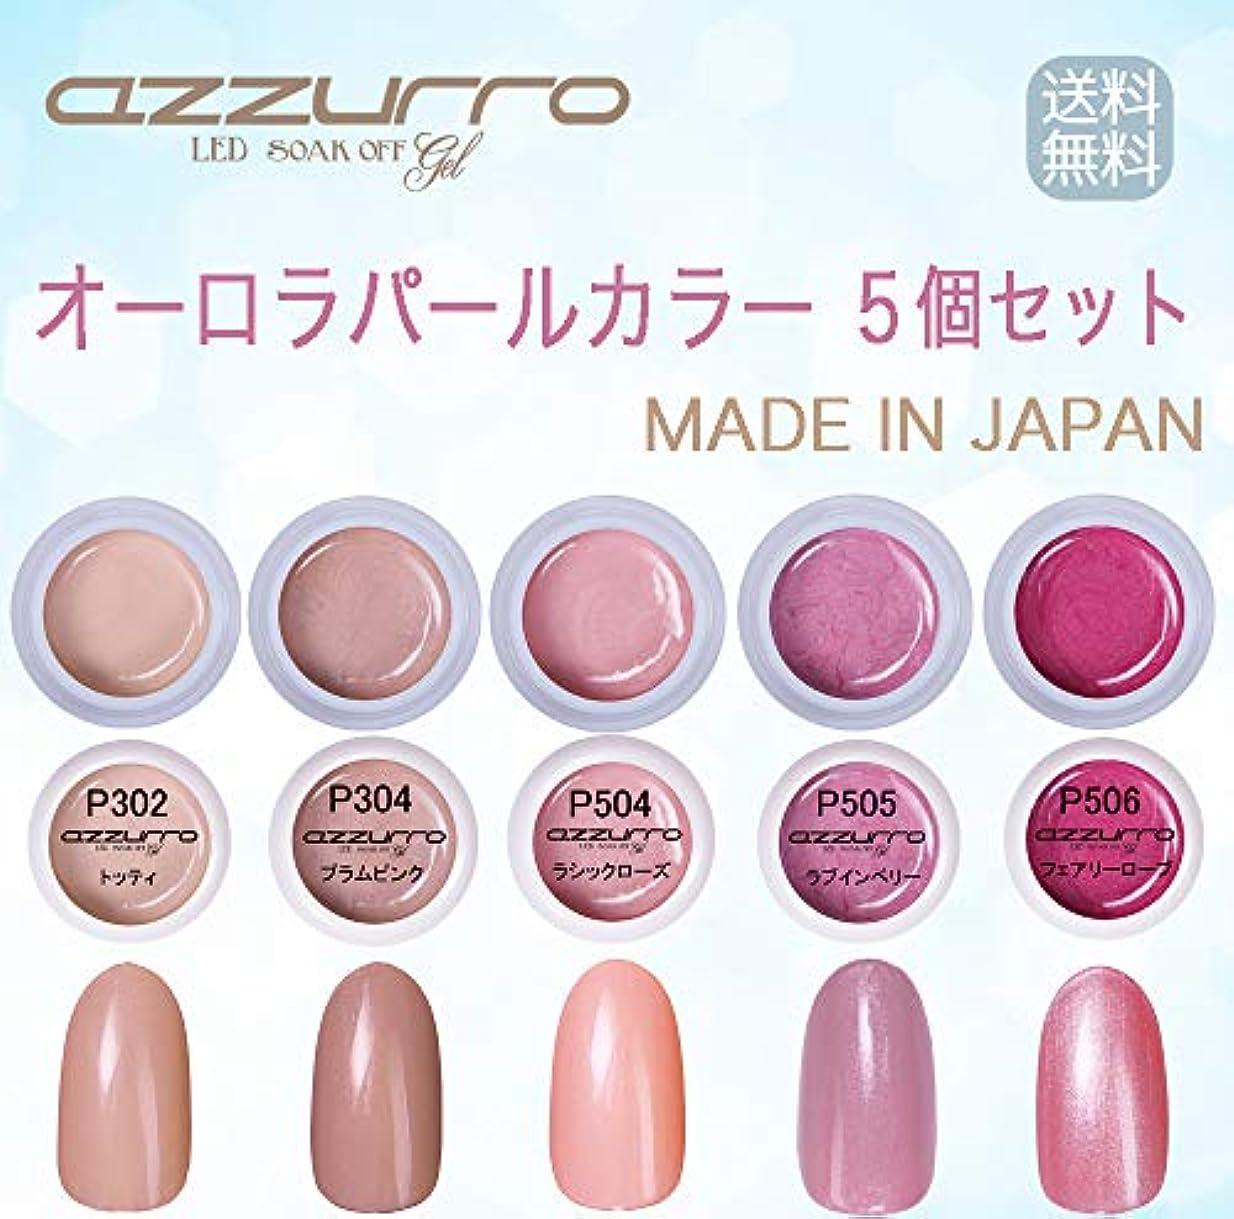 密タイピストスモッグ【送料無料】日本製 azzurro gel オーロラパール ジェル5個セット 上品な輝きのパールカラー